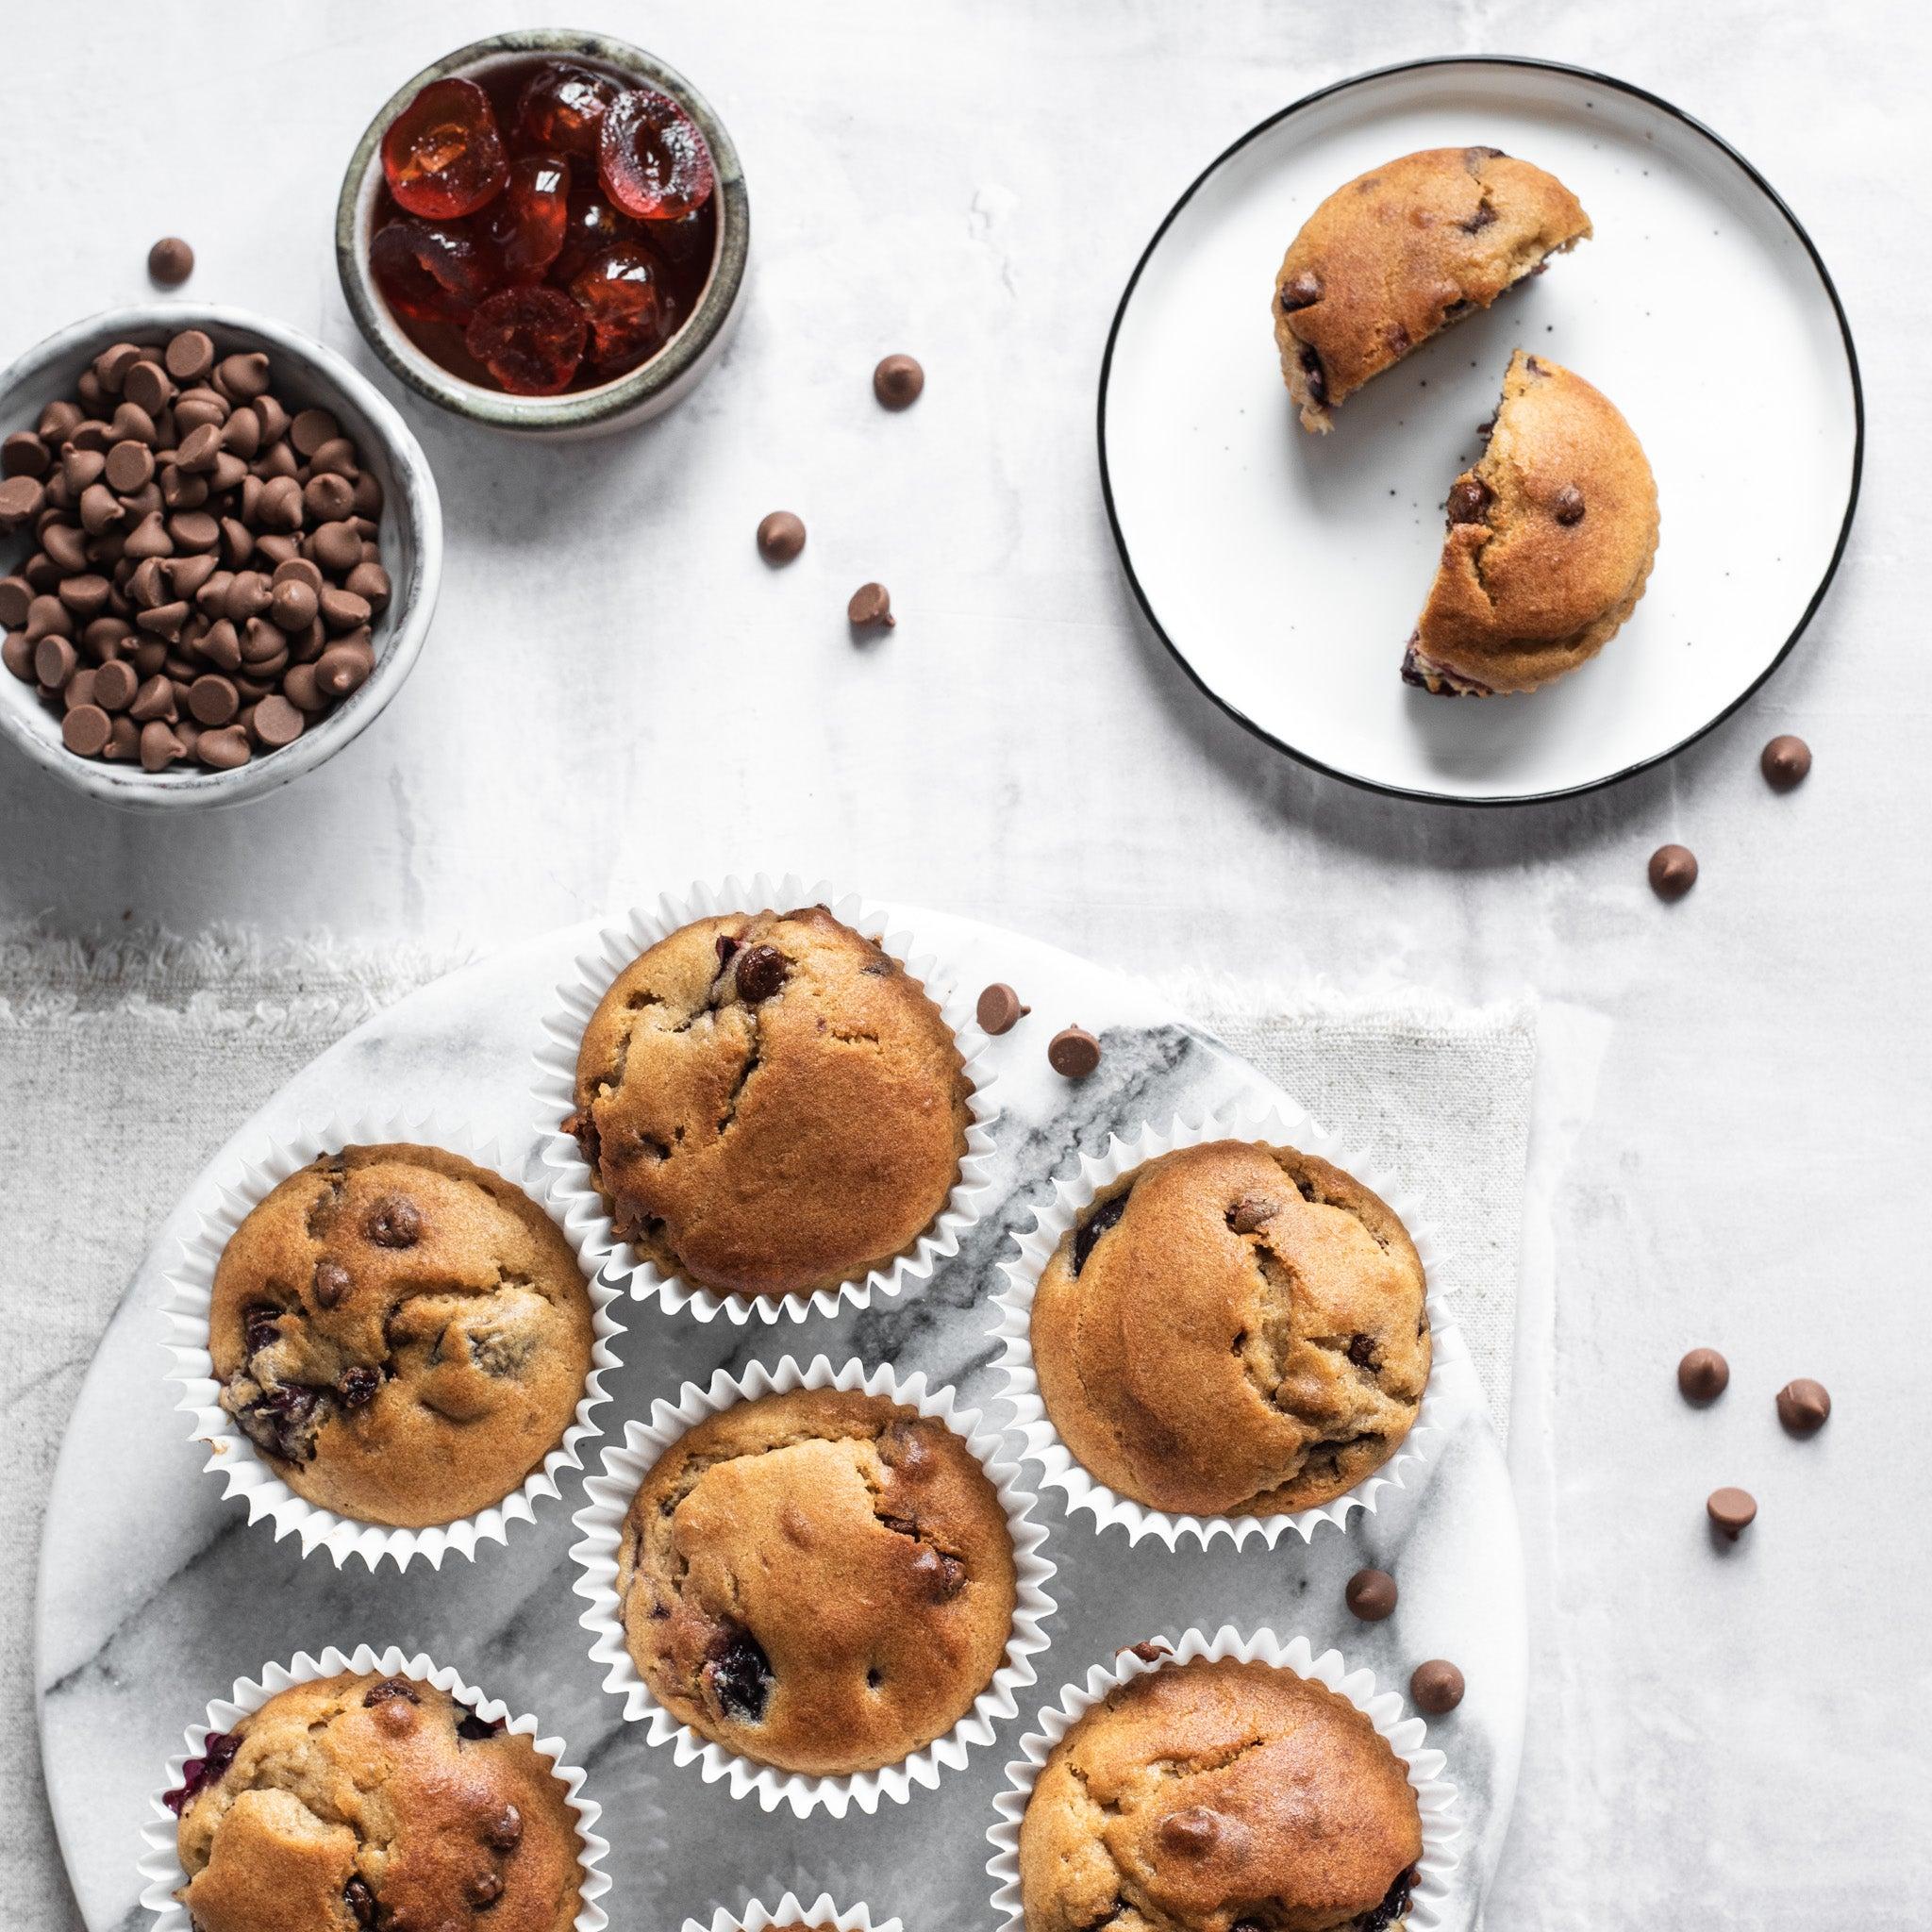 Chocolate-Cherry-Muffins-SQUARE-7.jpg